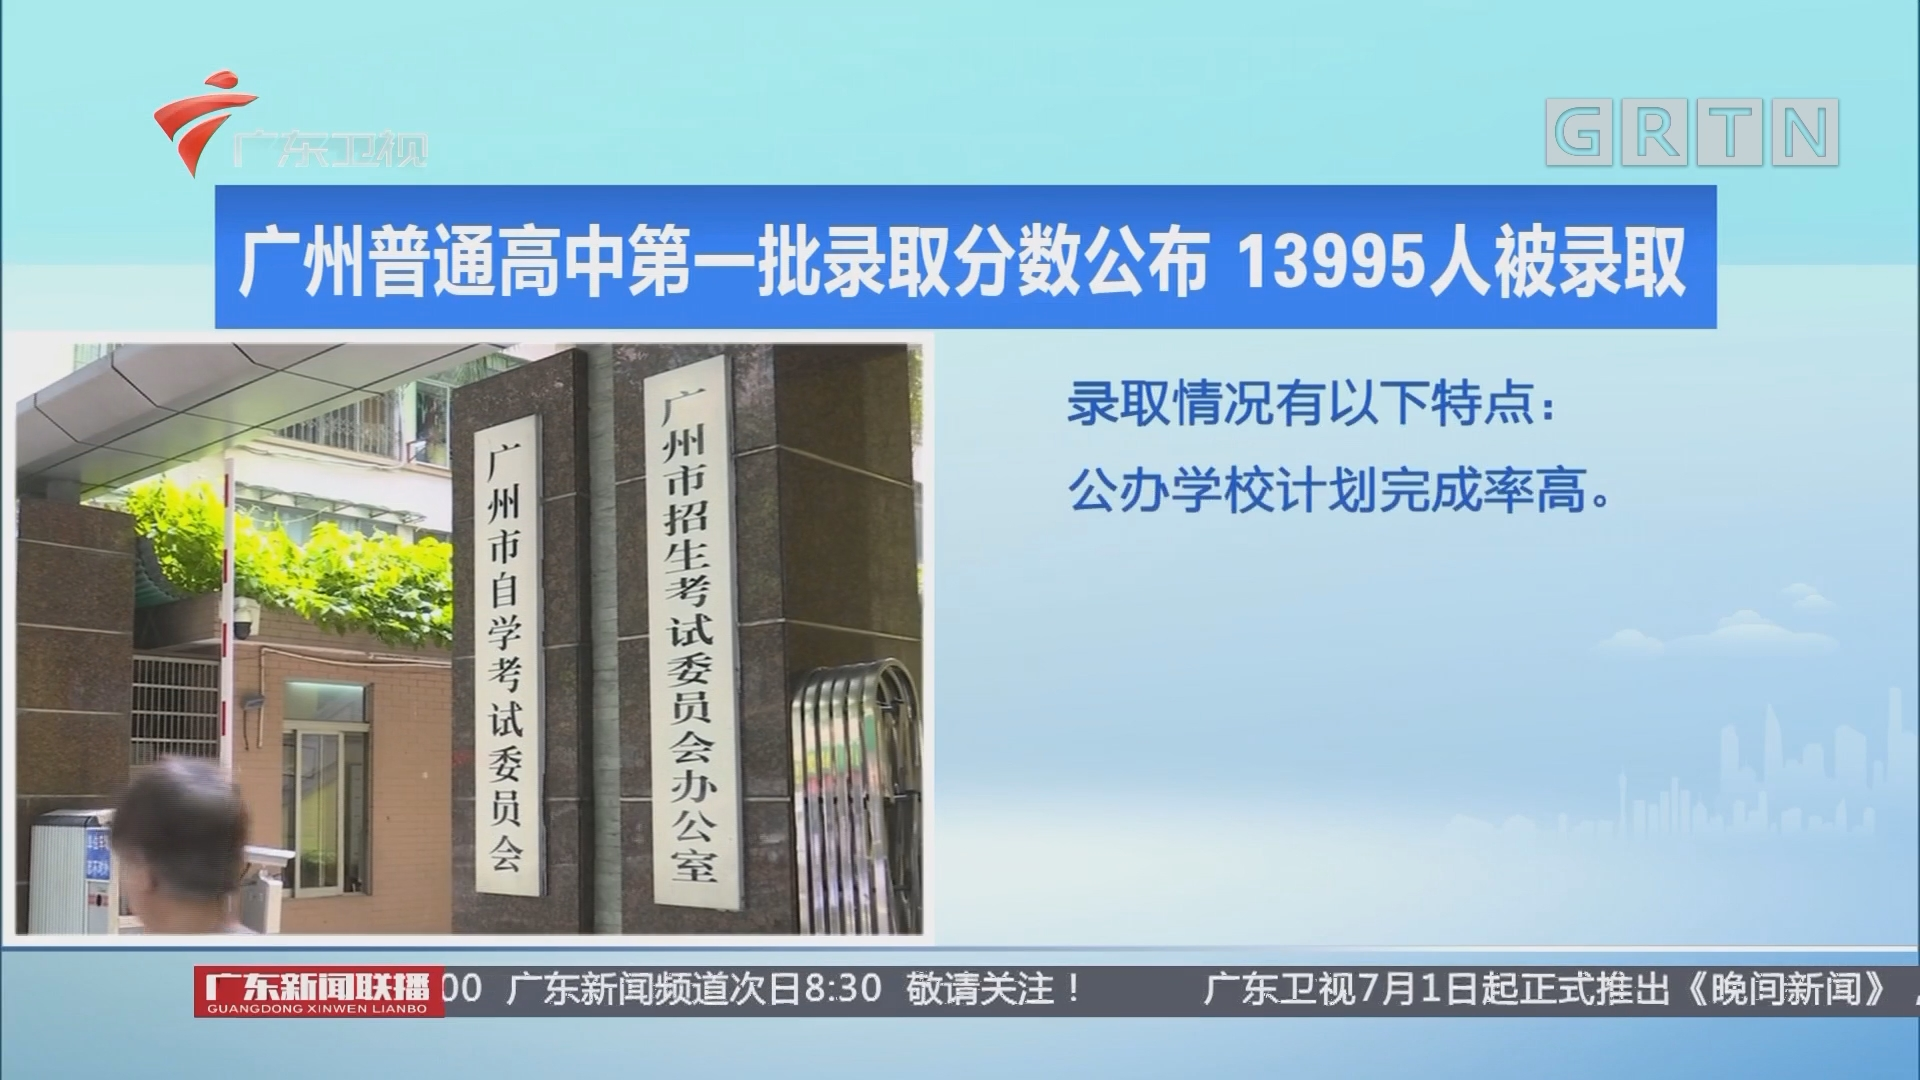 广州普通高中第一批录取分数公布 13995人被录取